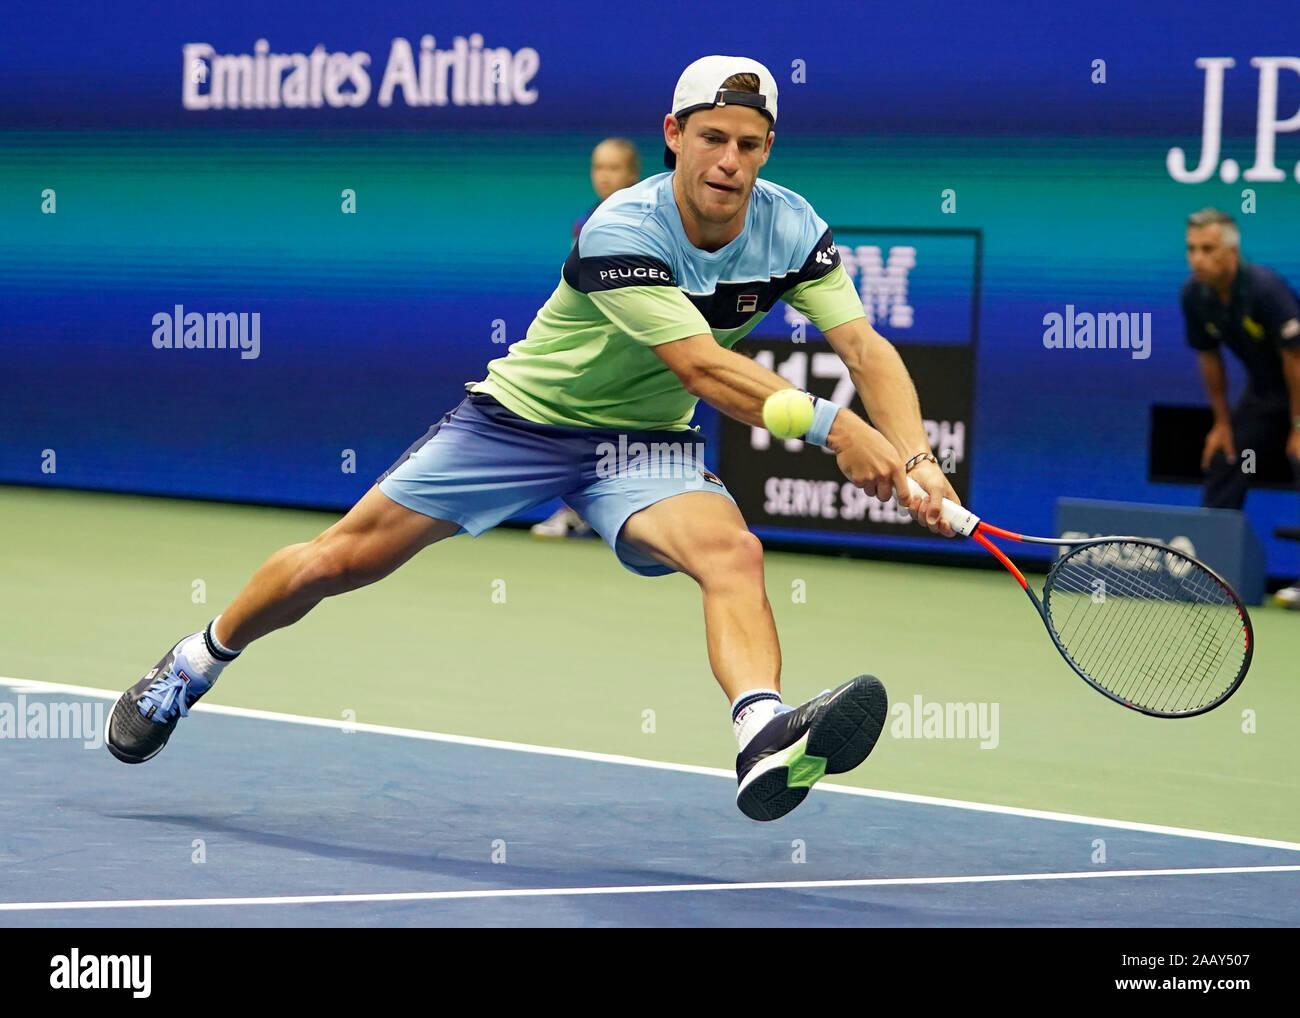 Feet Tennis Player Fotos E Imagenes De Stock Alamy